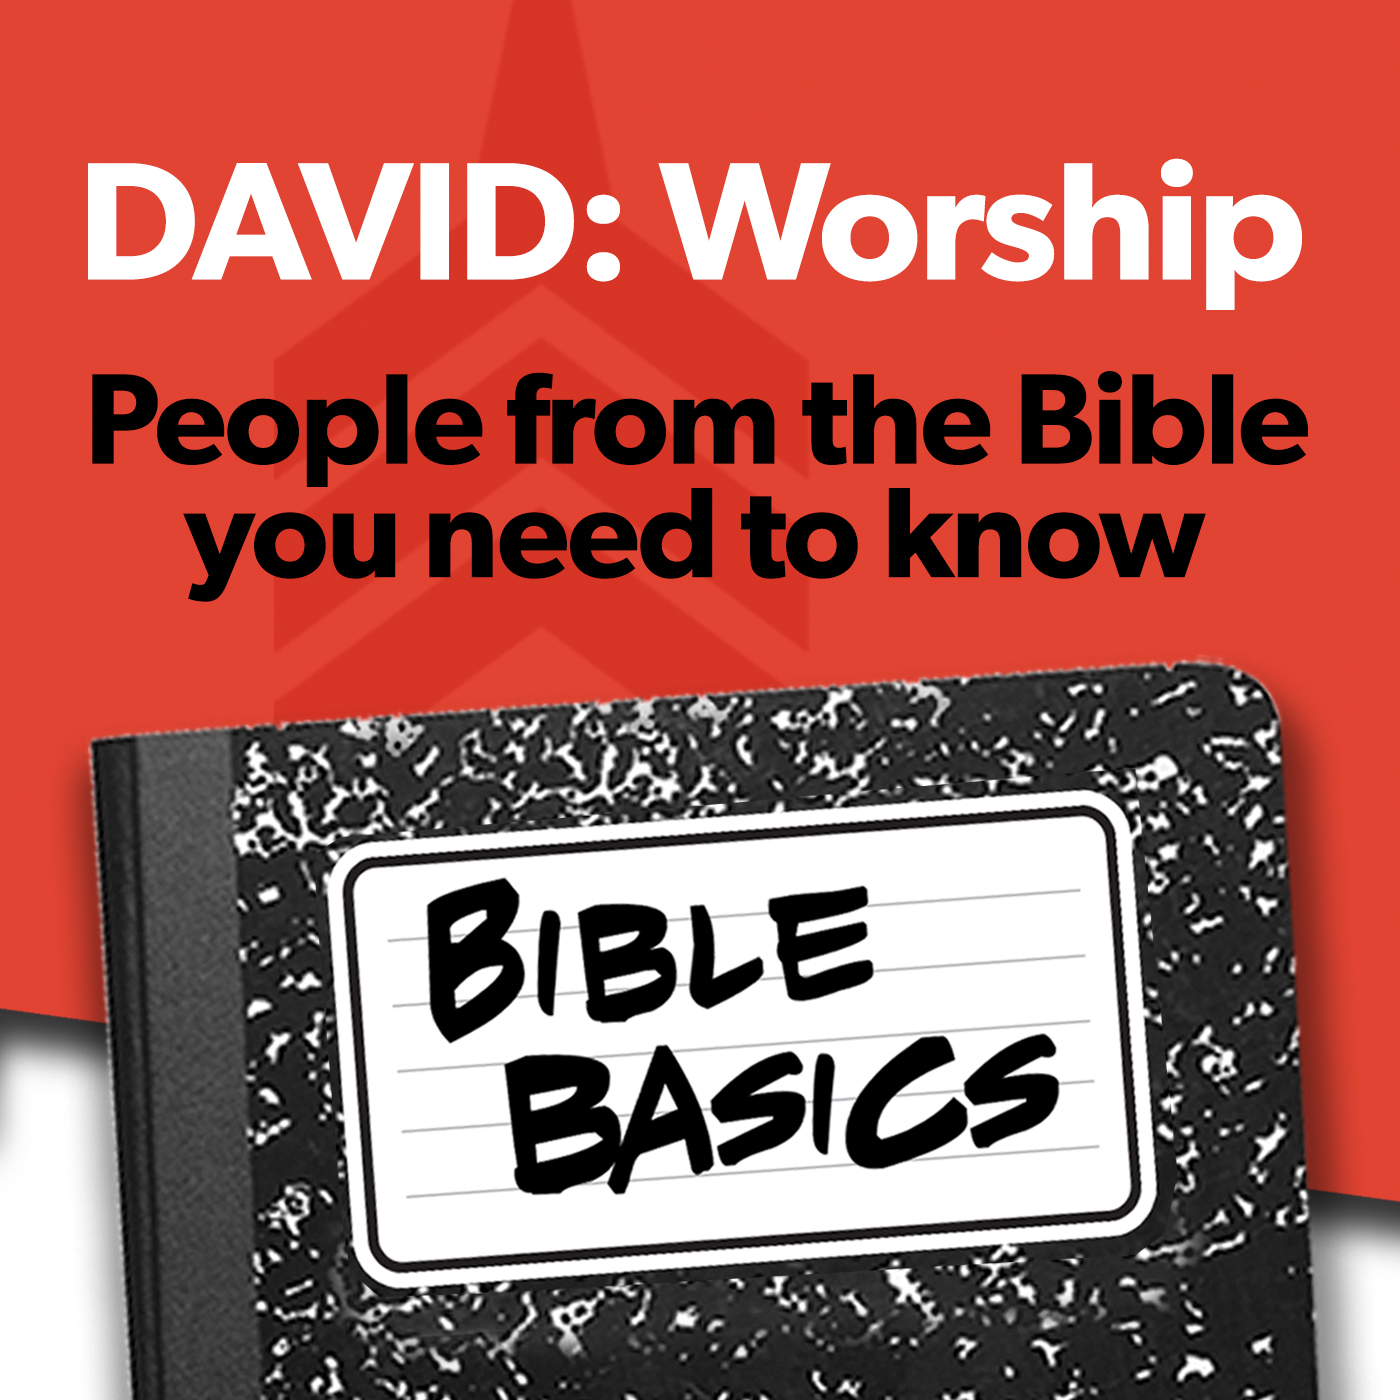 DAVID WORSHIP Basics 1400sq art.jpg